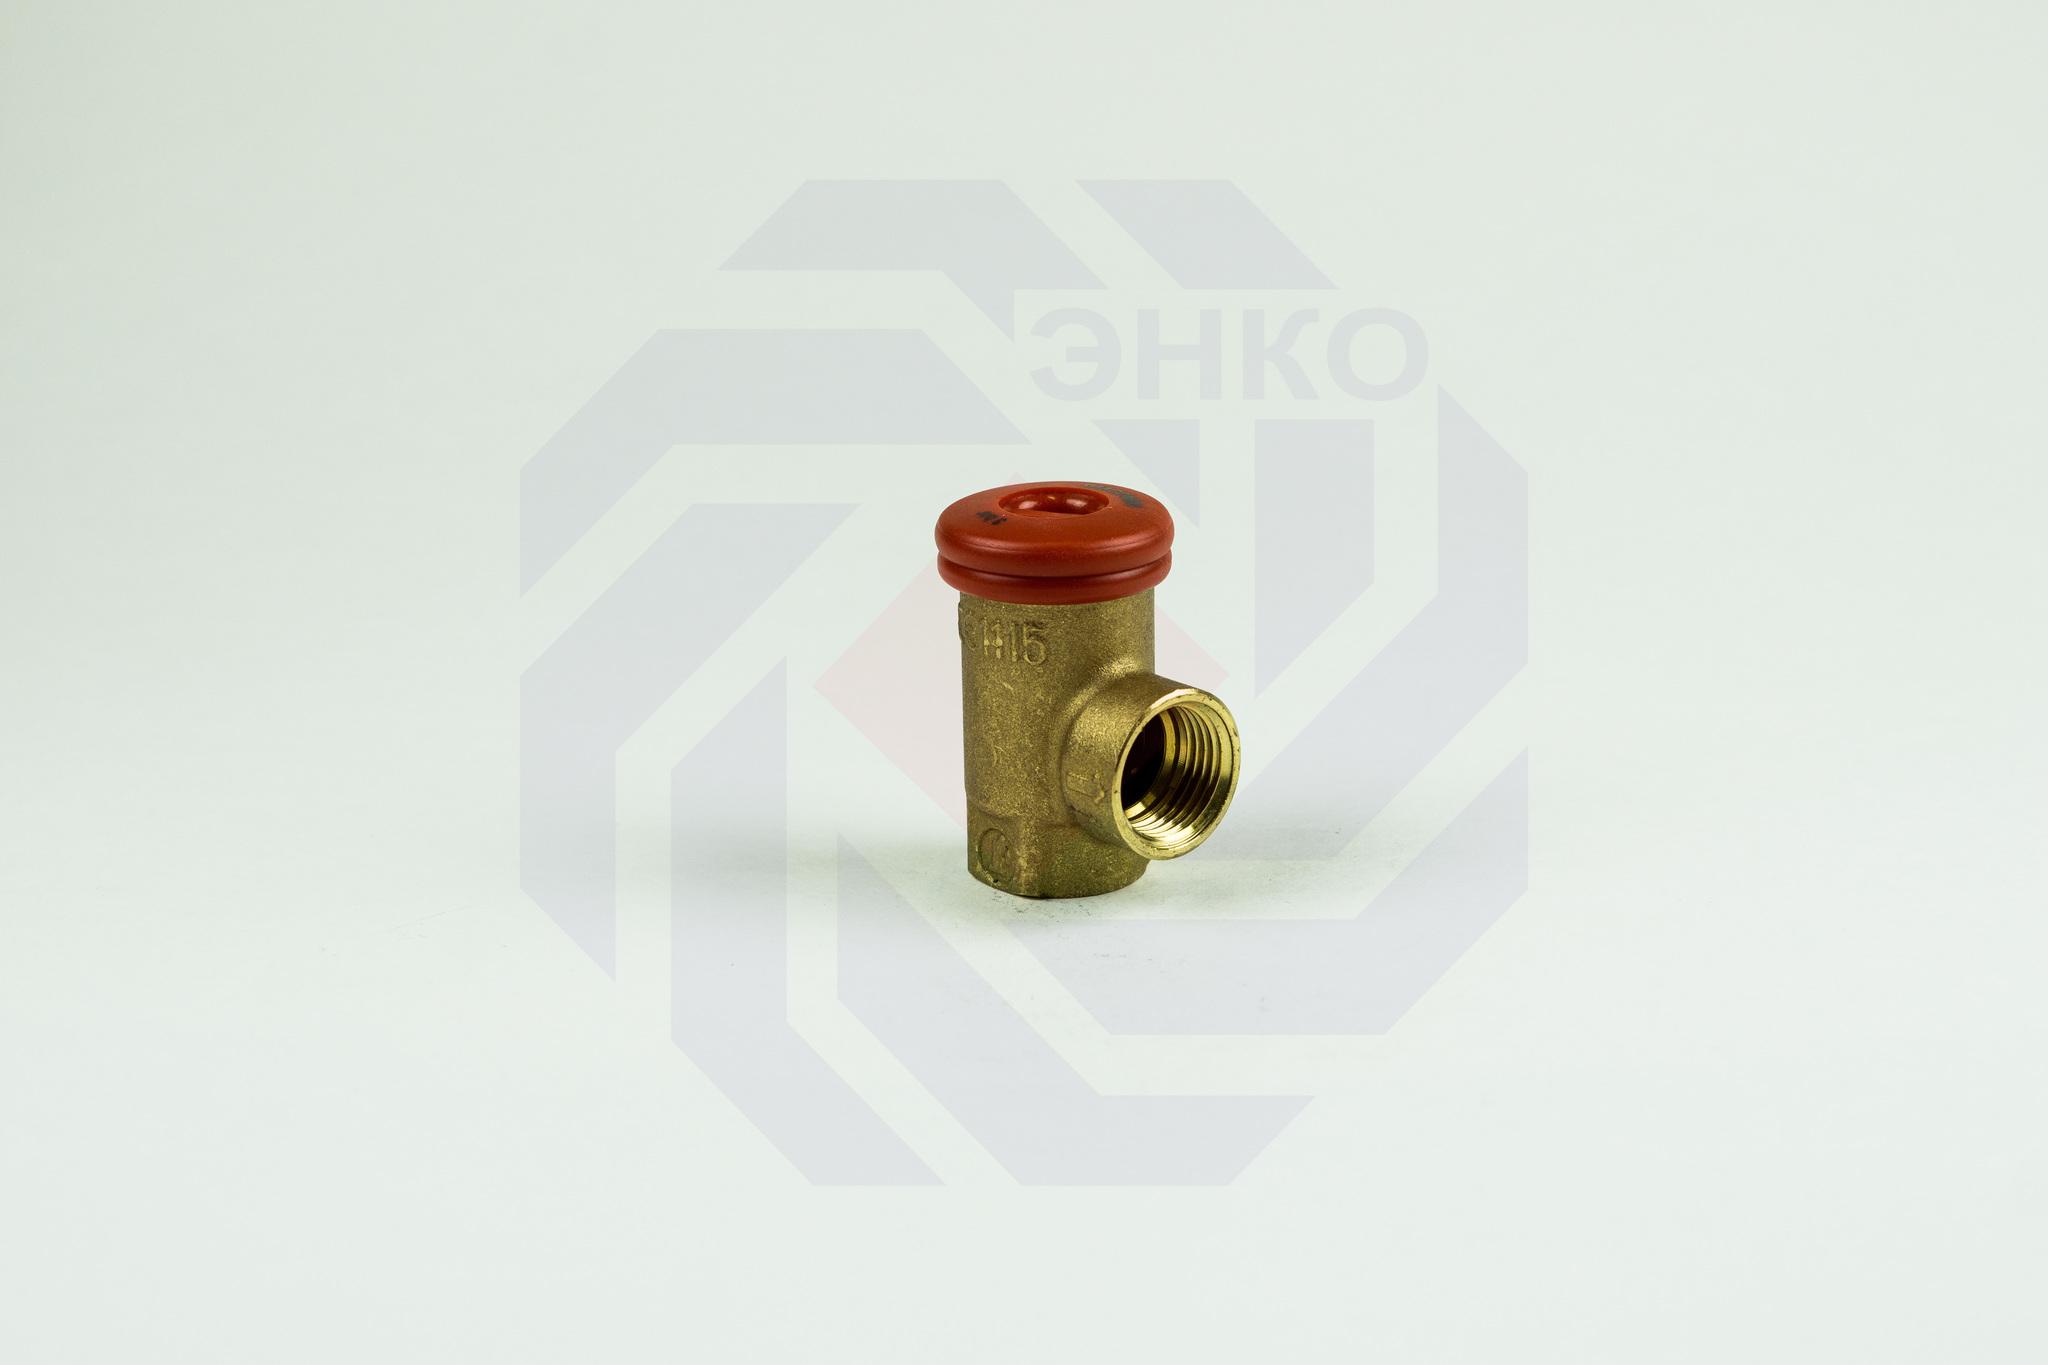 Клапан предохранительный GIACOMINI R140R 3 бар ½